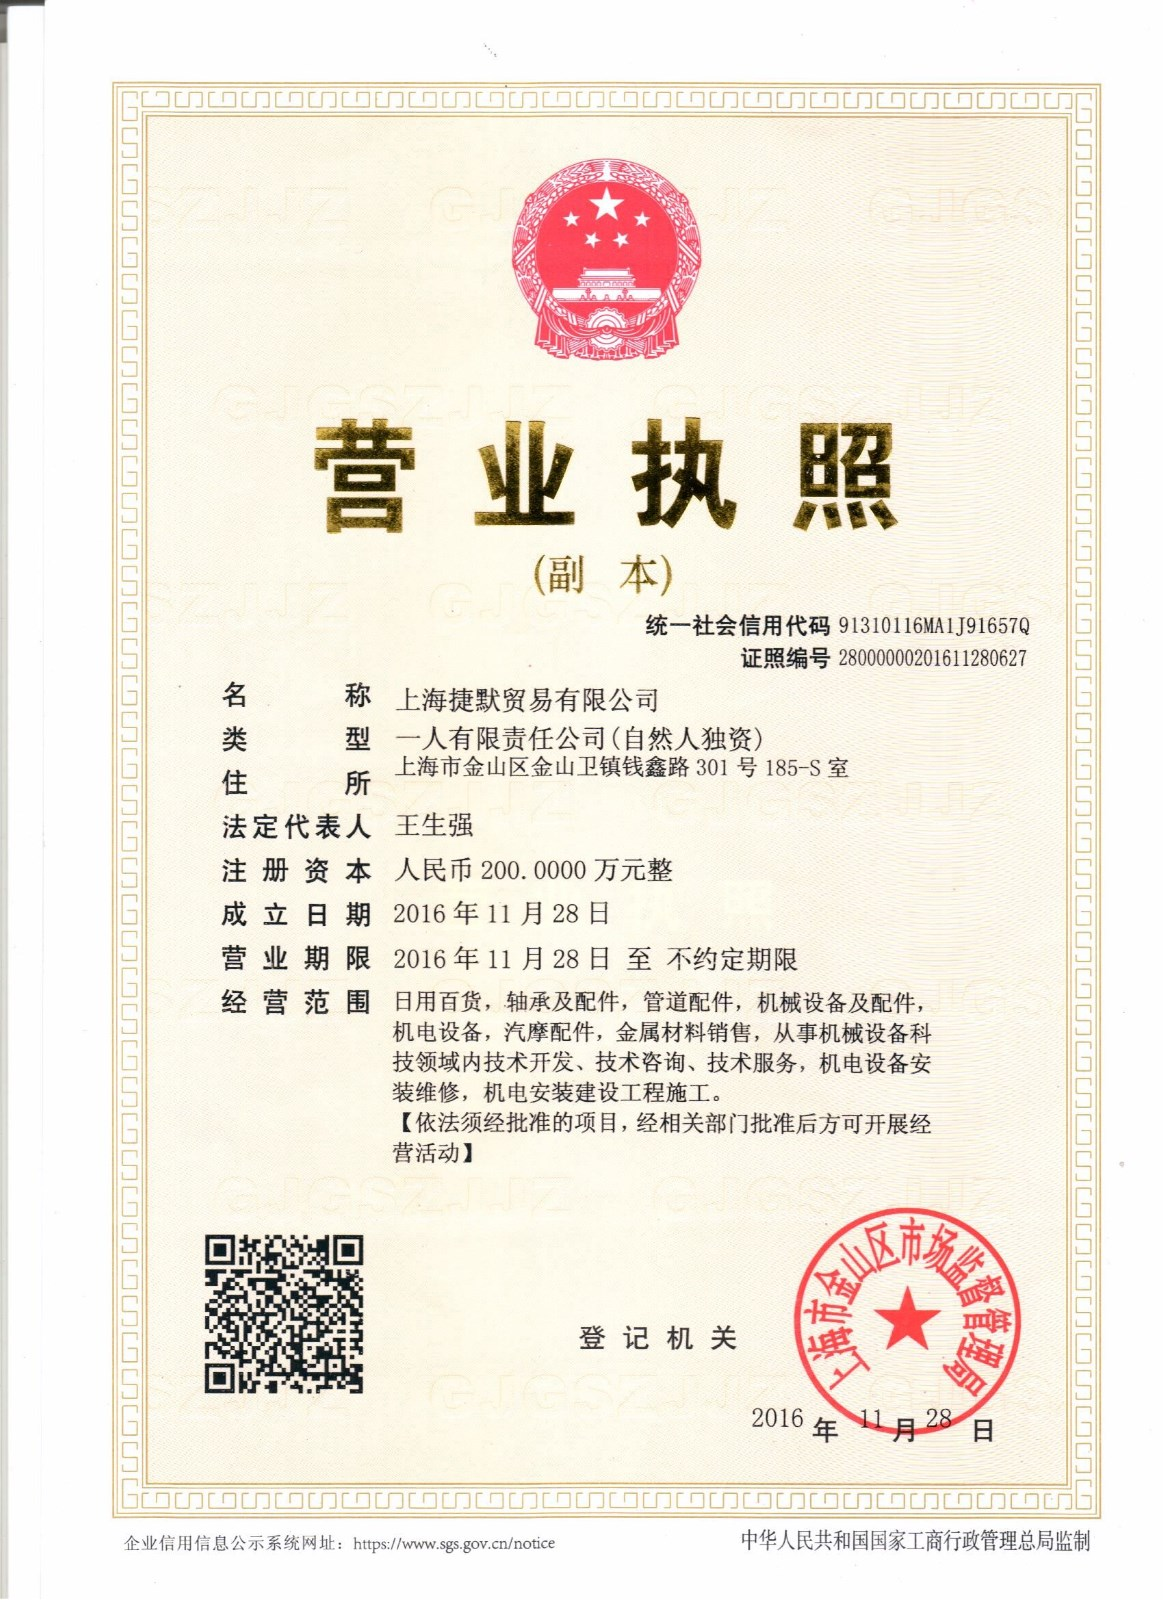 上海捷默贸易有限公司